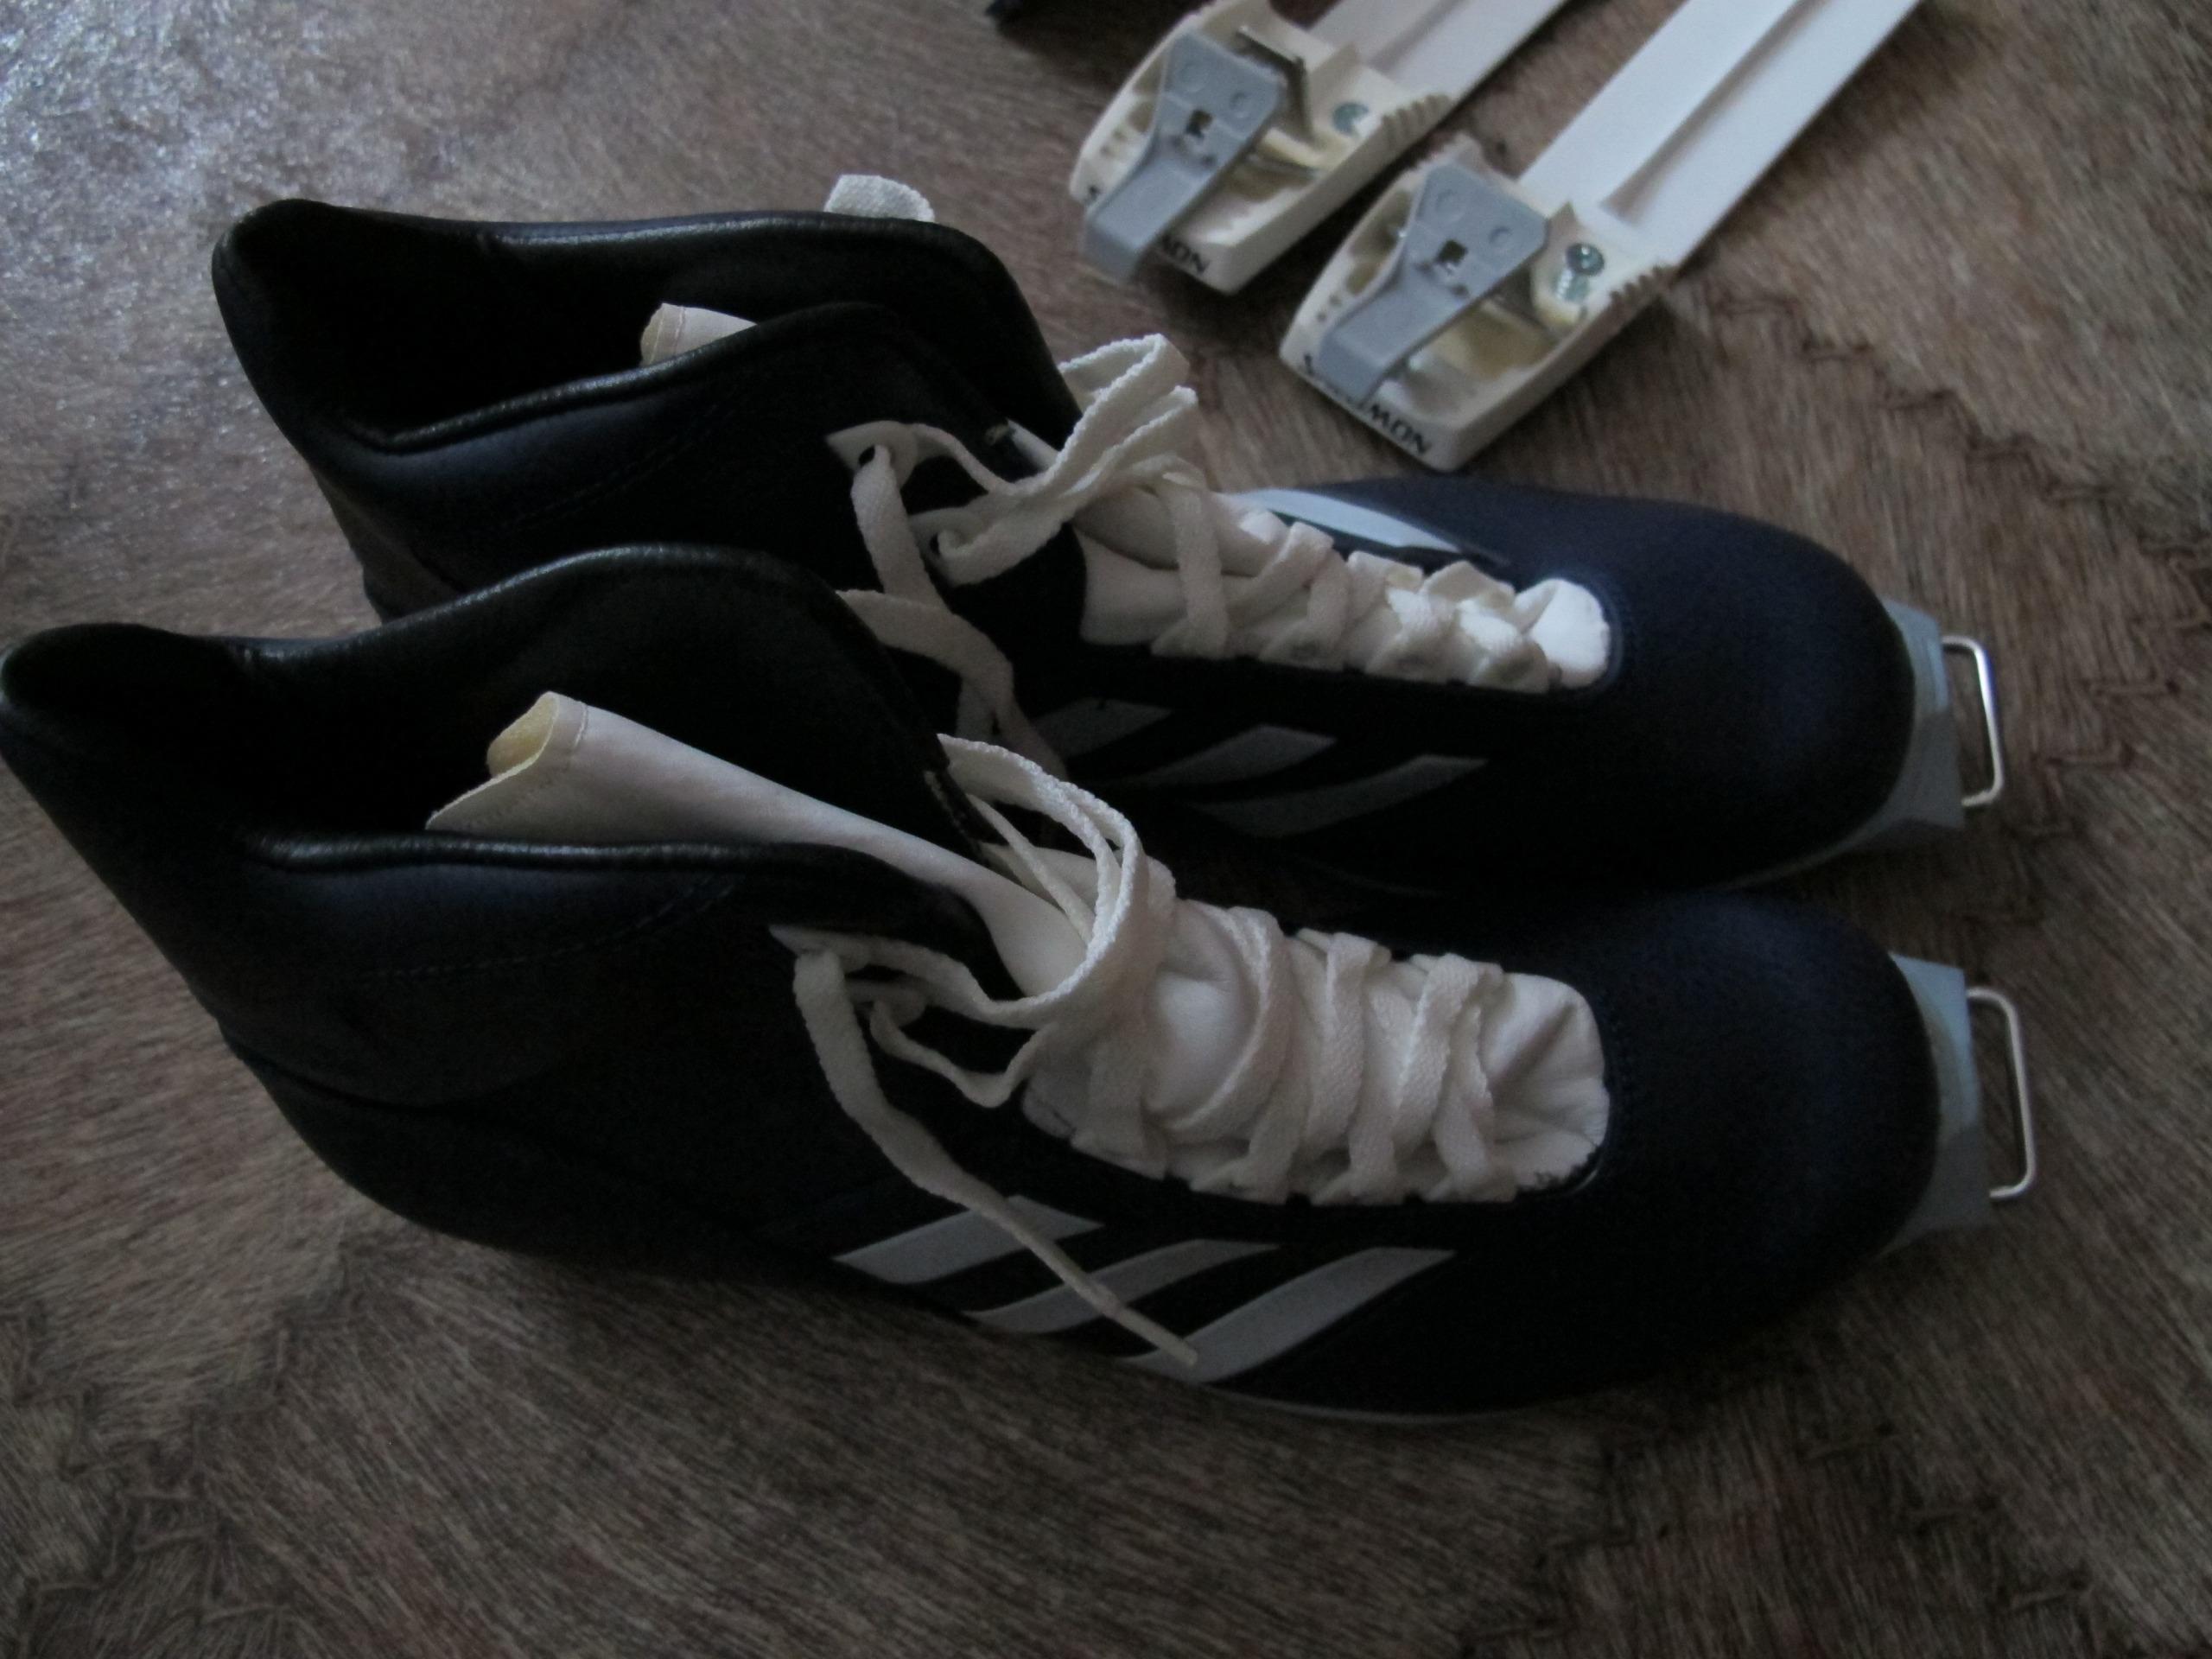 Лыжные ботинки SALOMON - каталог - Спортивная Линия